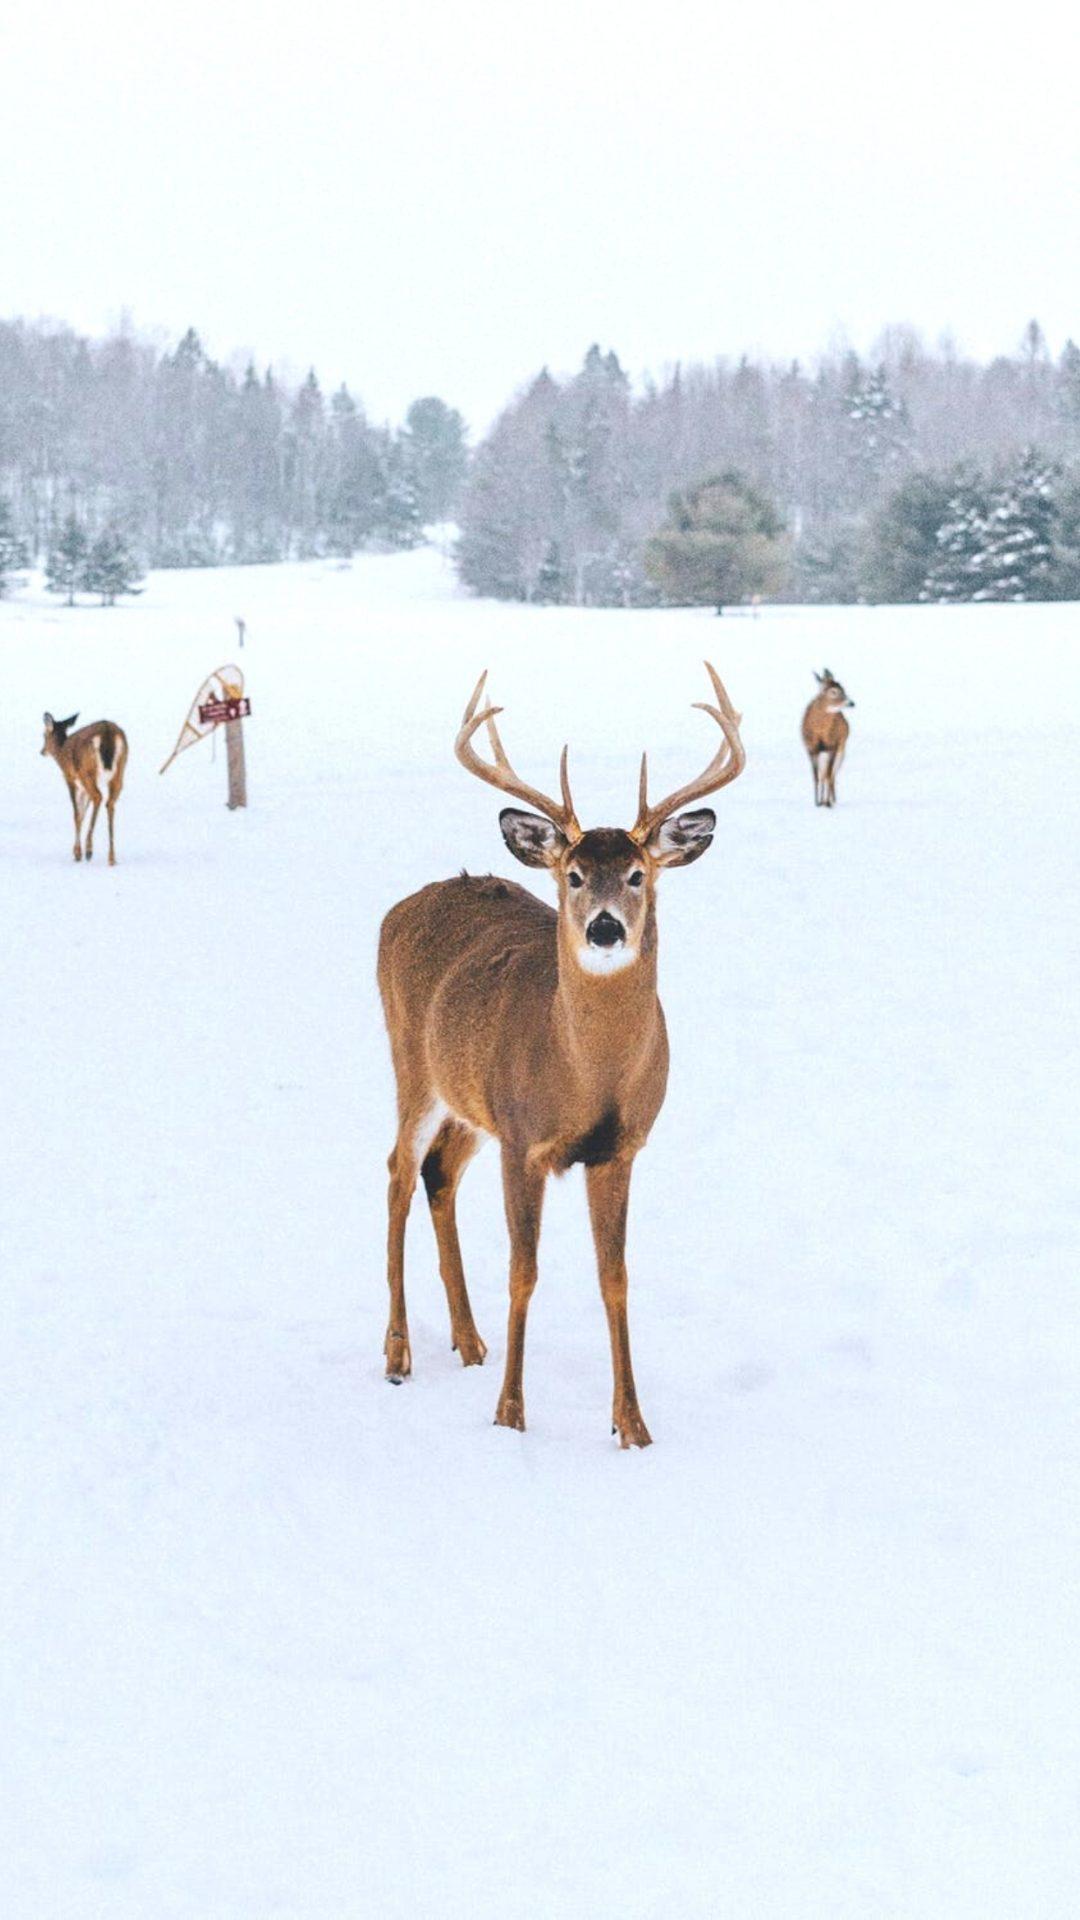 Cute reindeer wallpapers, snowy winter wallpapers